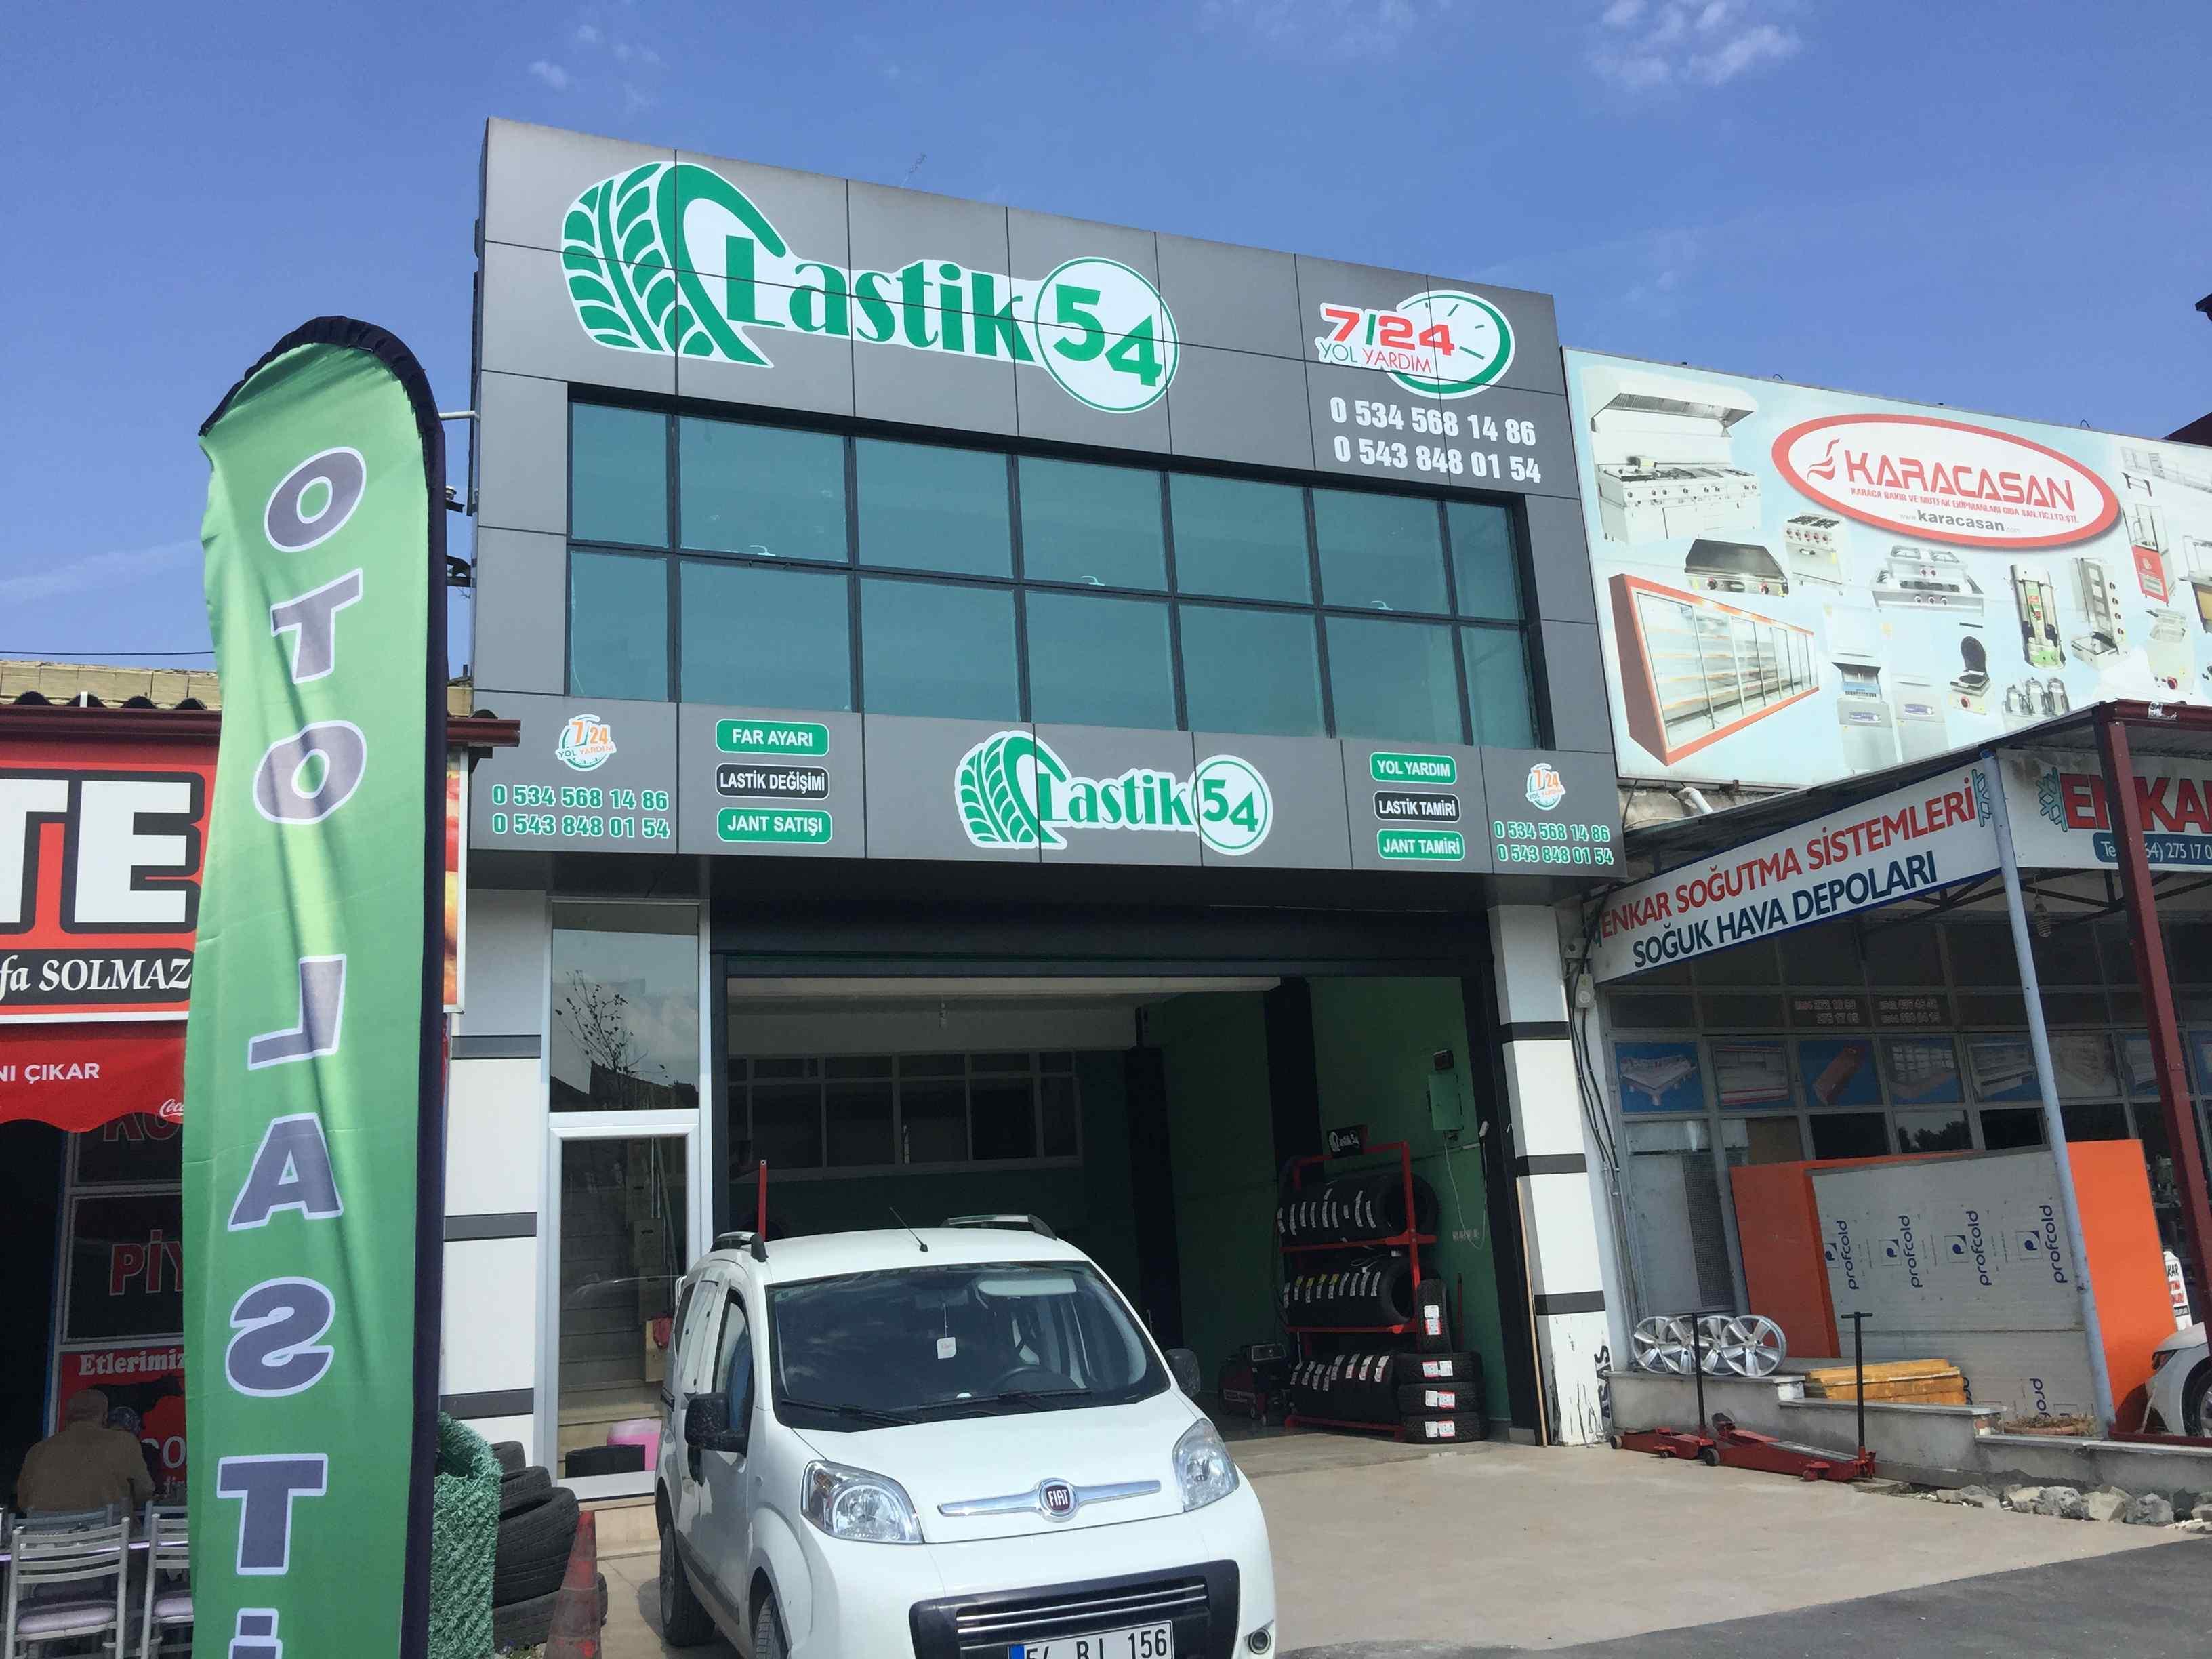 على الشارع الرئيسي في سكاريا ،ارنلر دكان جاهز للبيع مساحته ٣٩٠ متر مربع